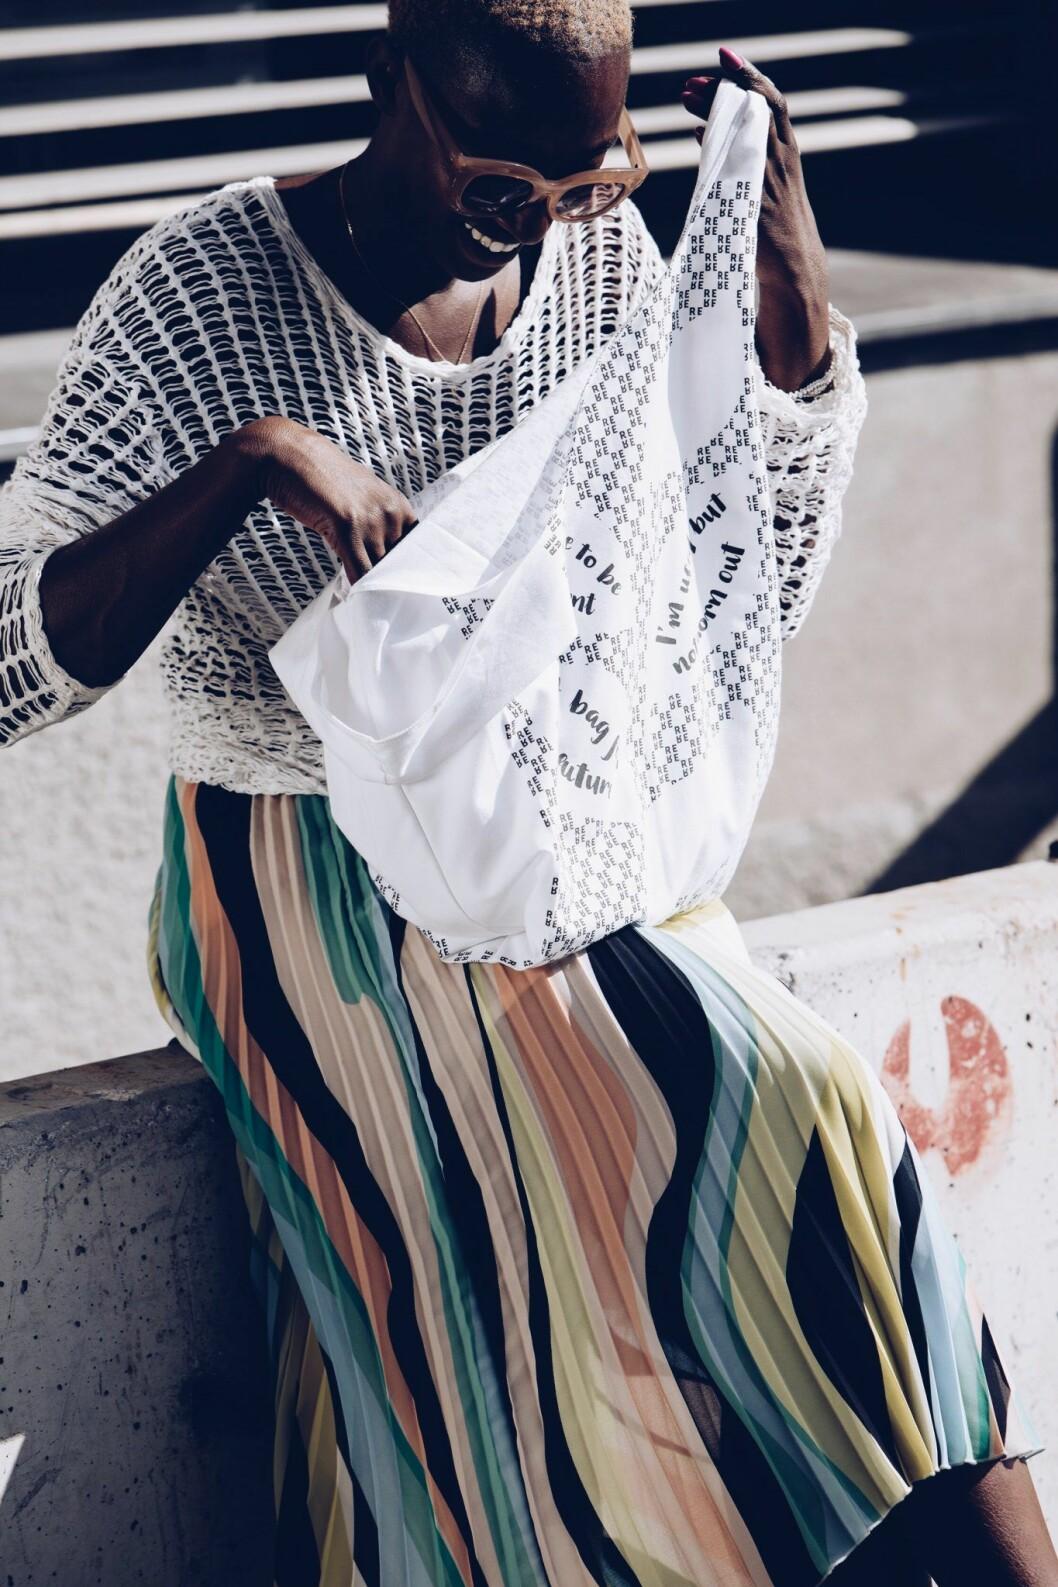 svenskt hållbart mode: Reused Remade